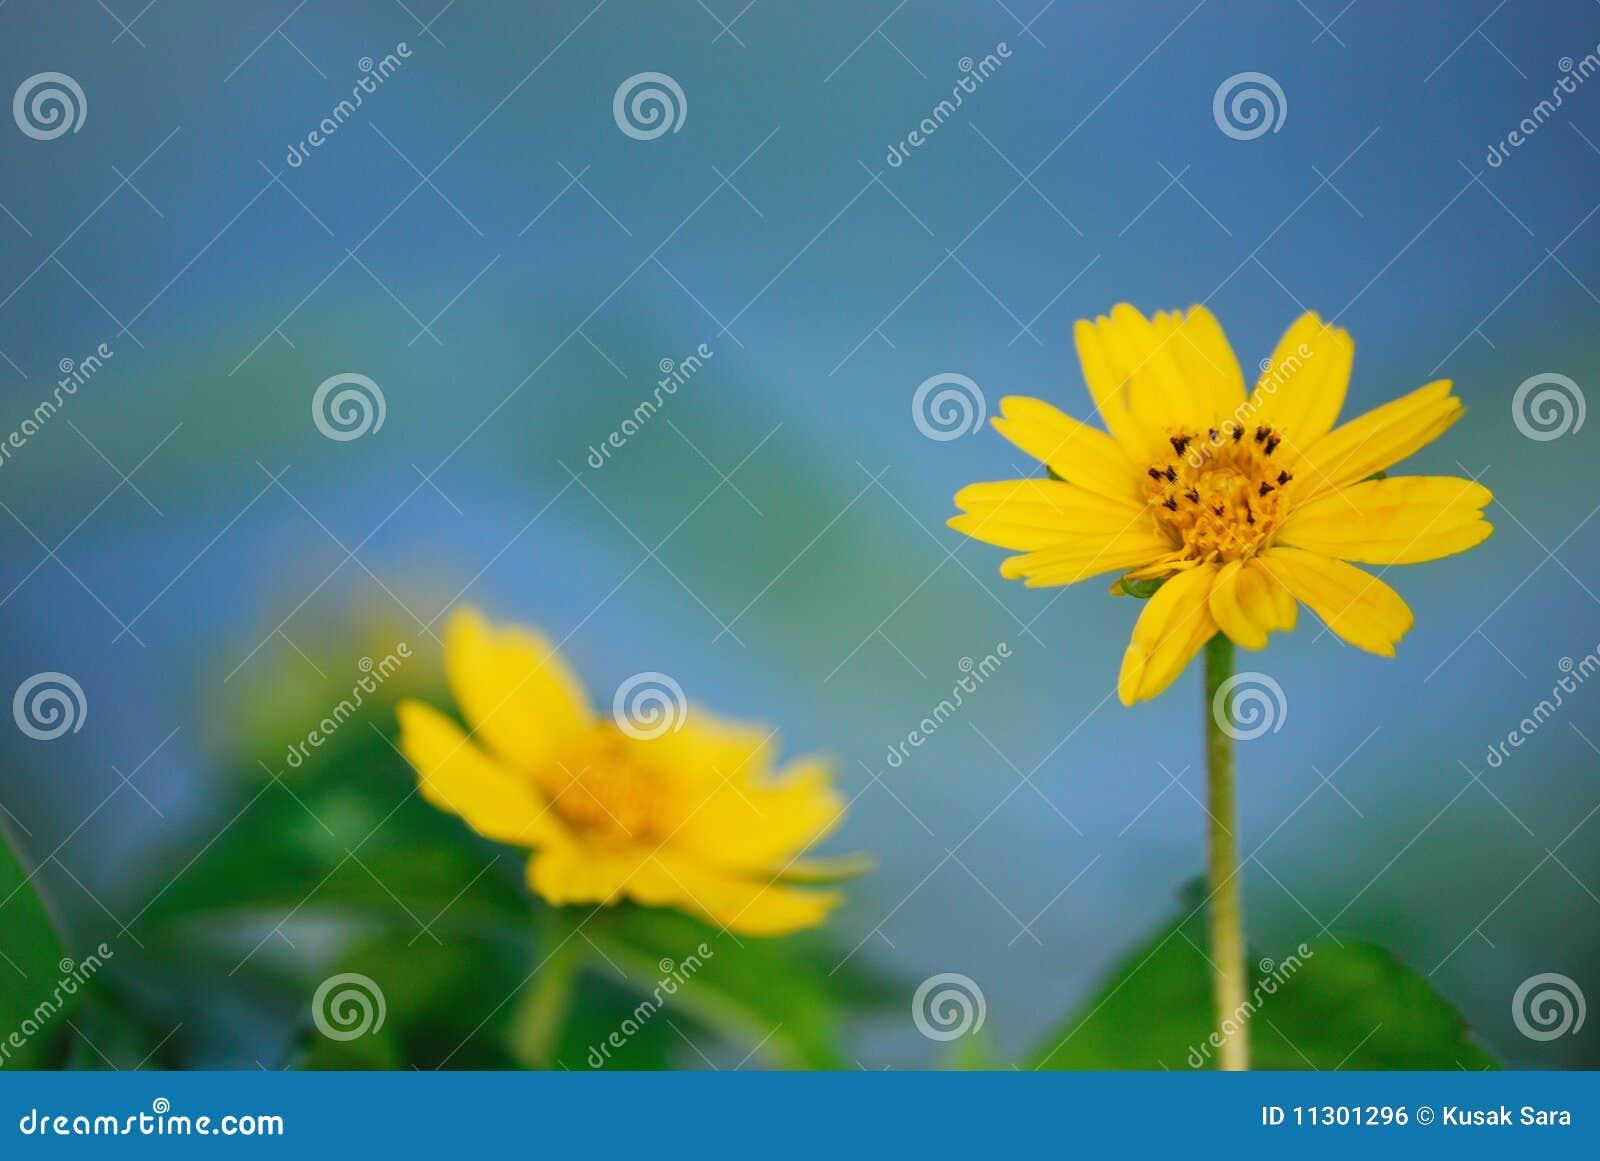 Nahaufnahme auf gelben Astern